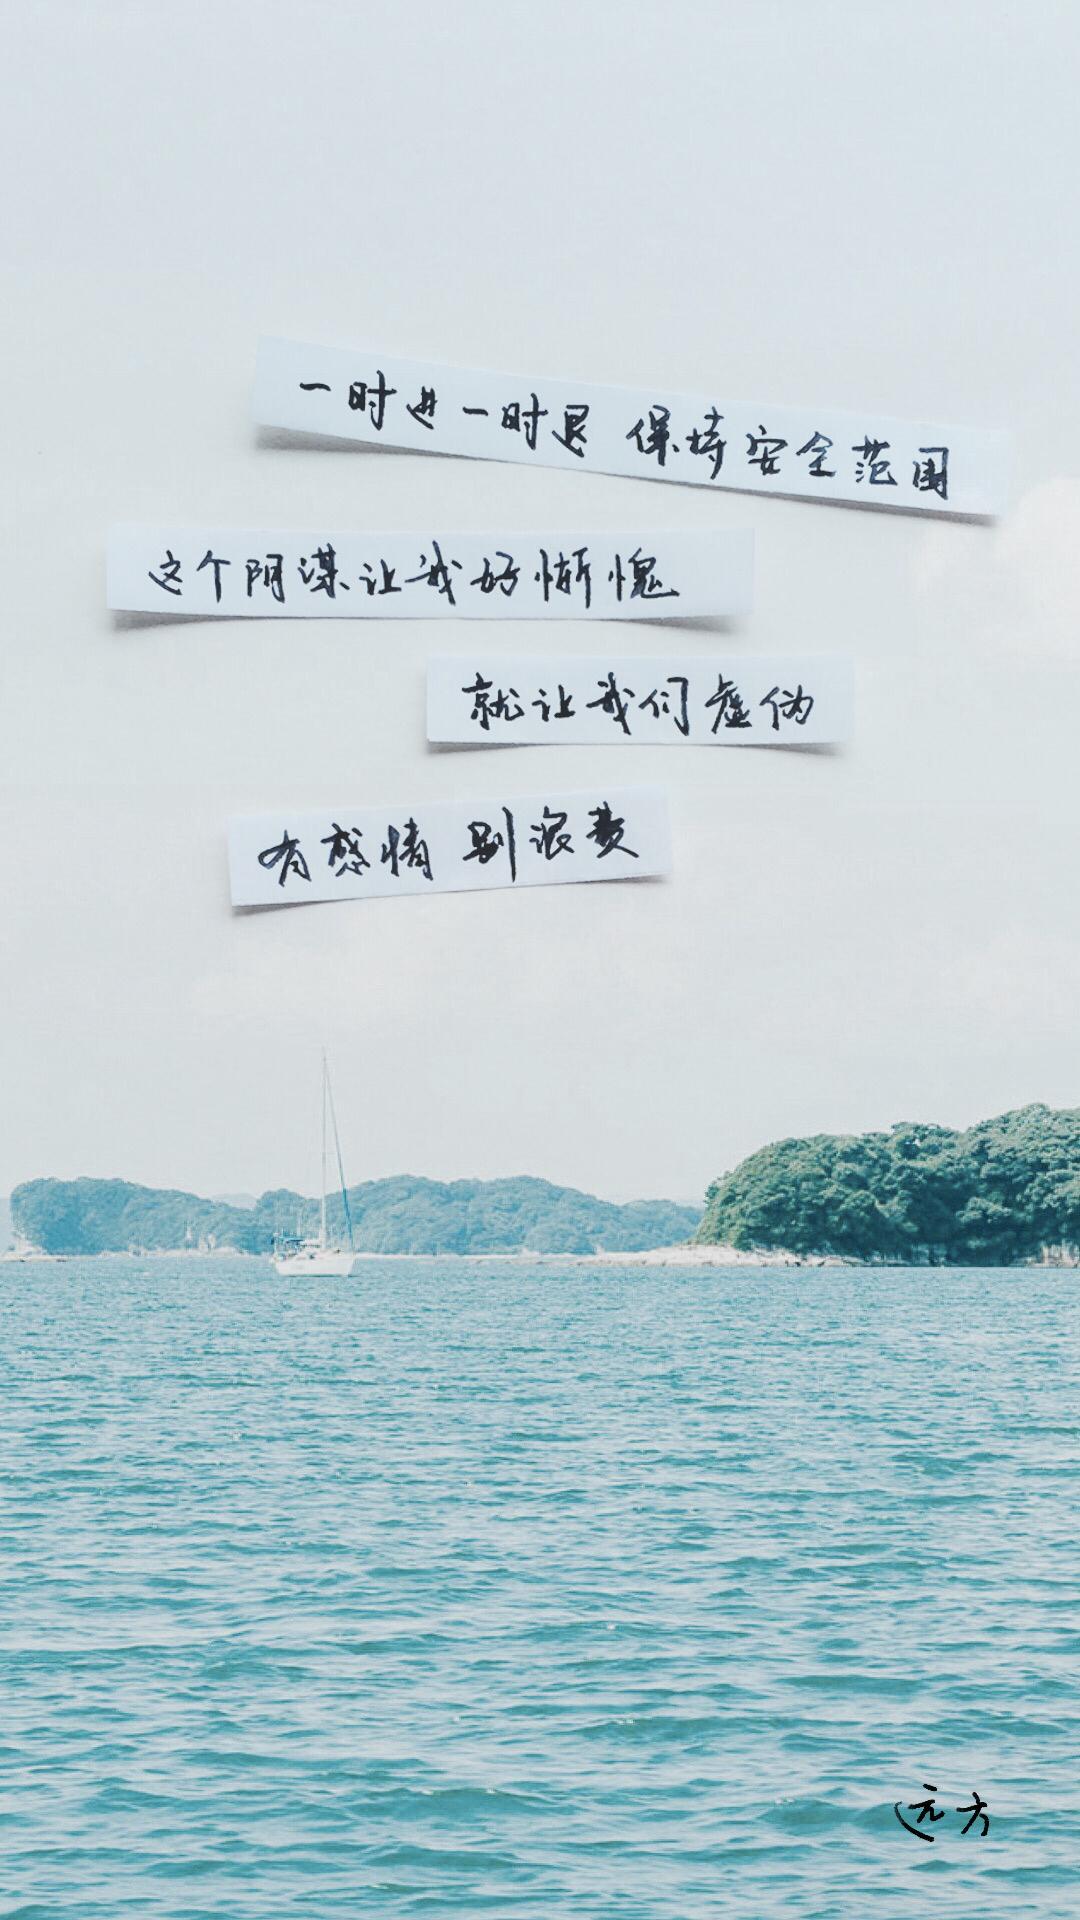 名画logo 创意壁纸 苹果手机高清壁纸 1080x1920_爱思